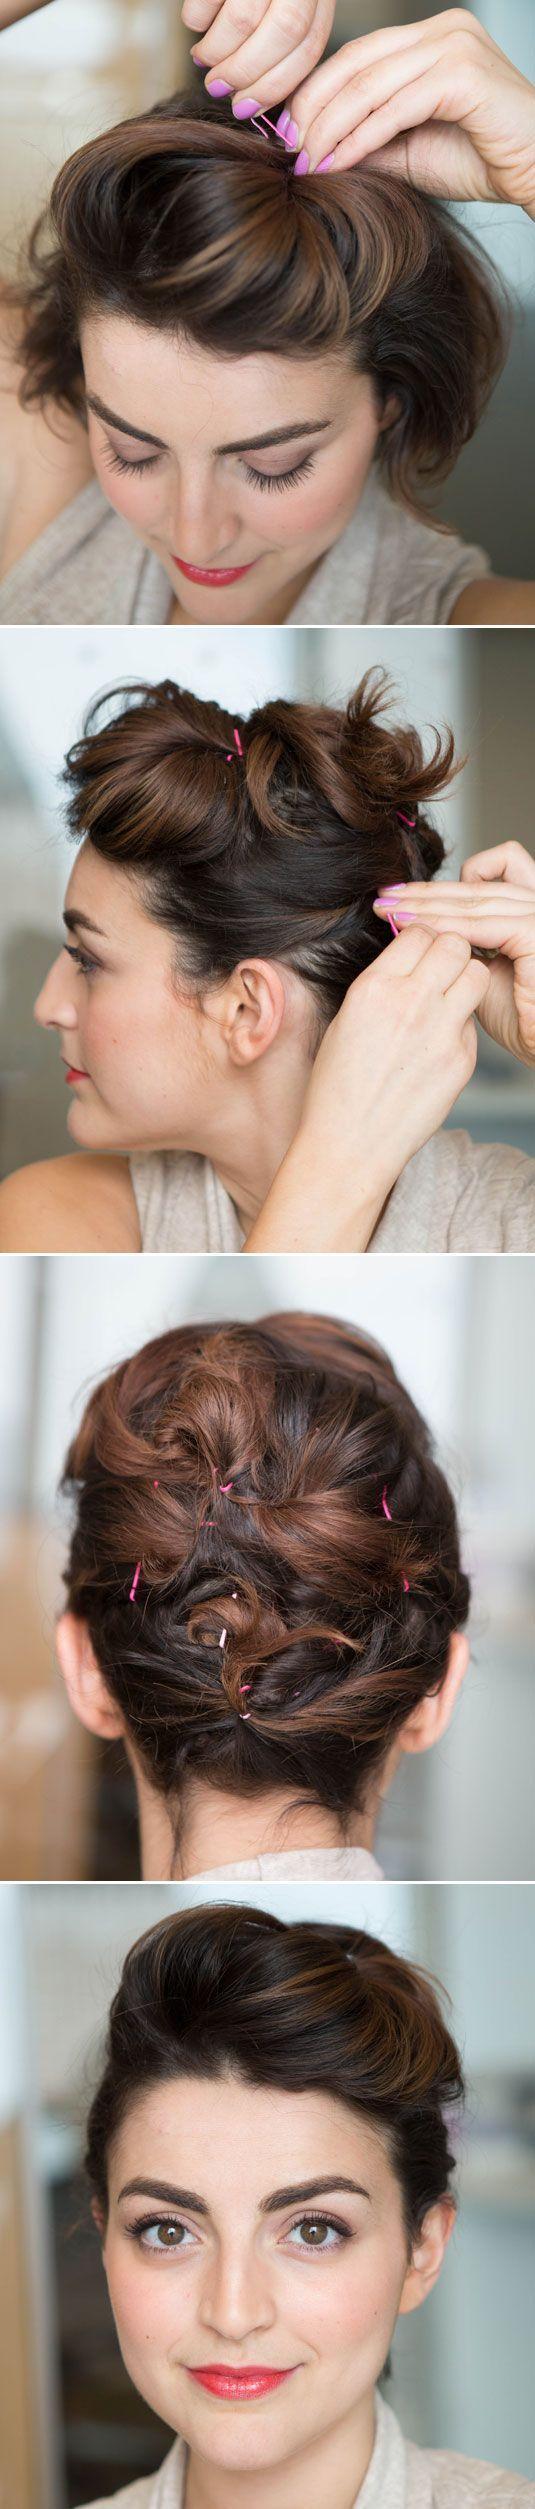 best hair ideas u hair tutorials images on pinterest hair cut